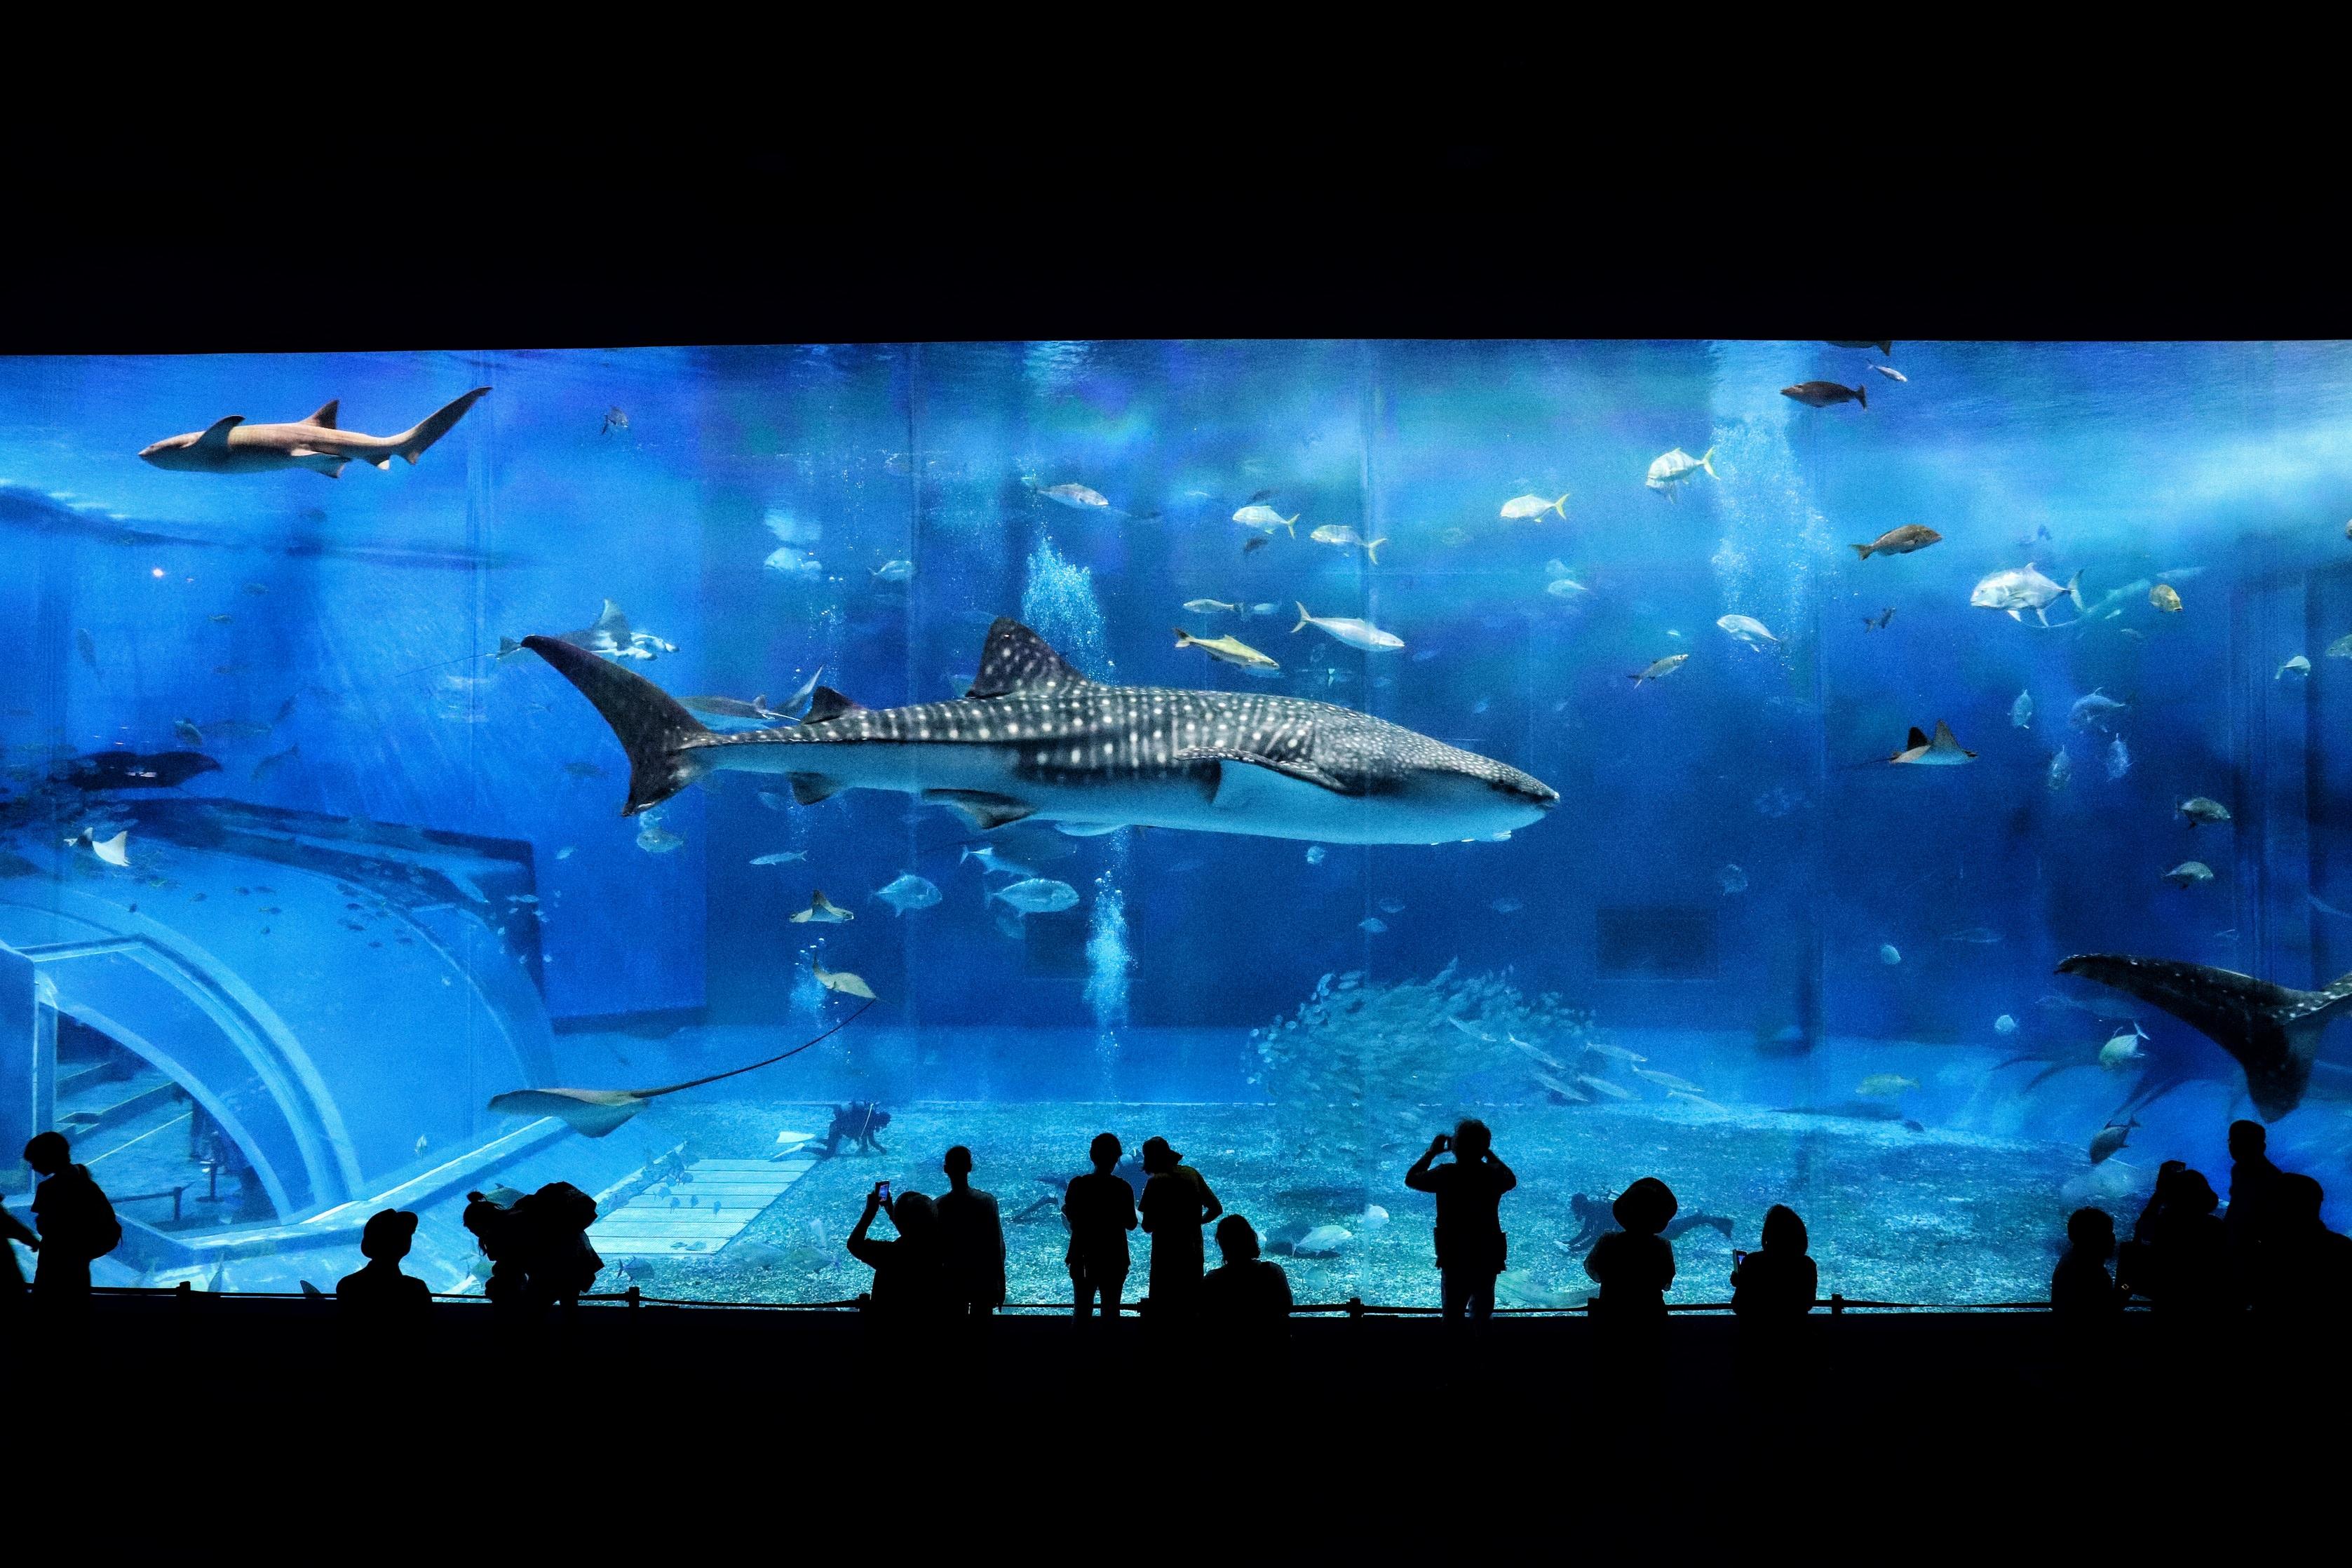 水族館を優雅に泳ぐジンベィザメの写真